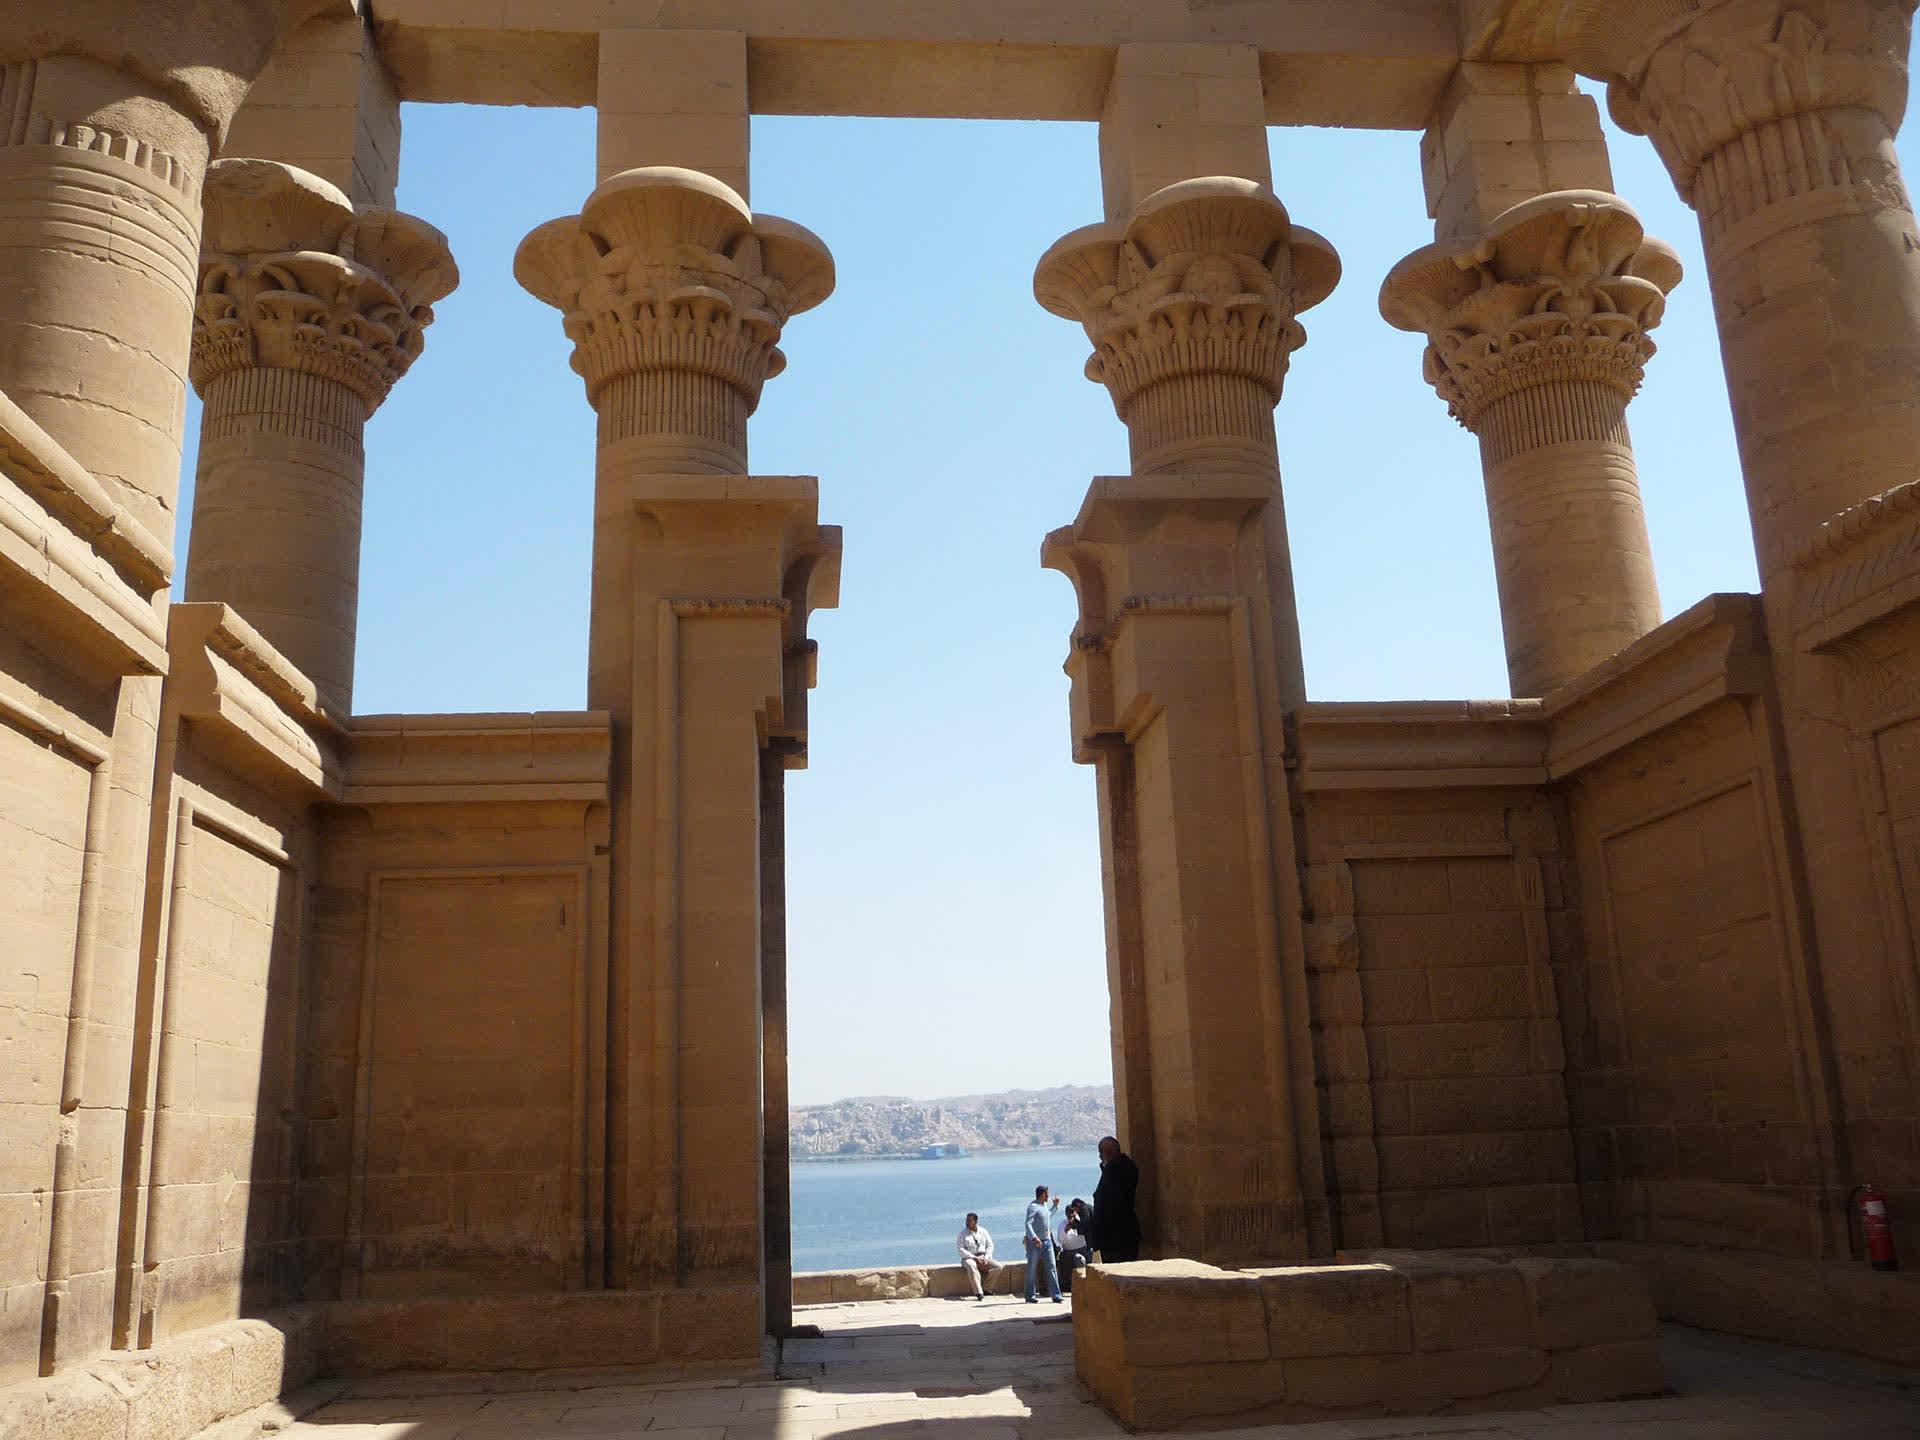 Dahabey in Aswan